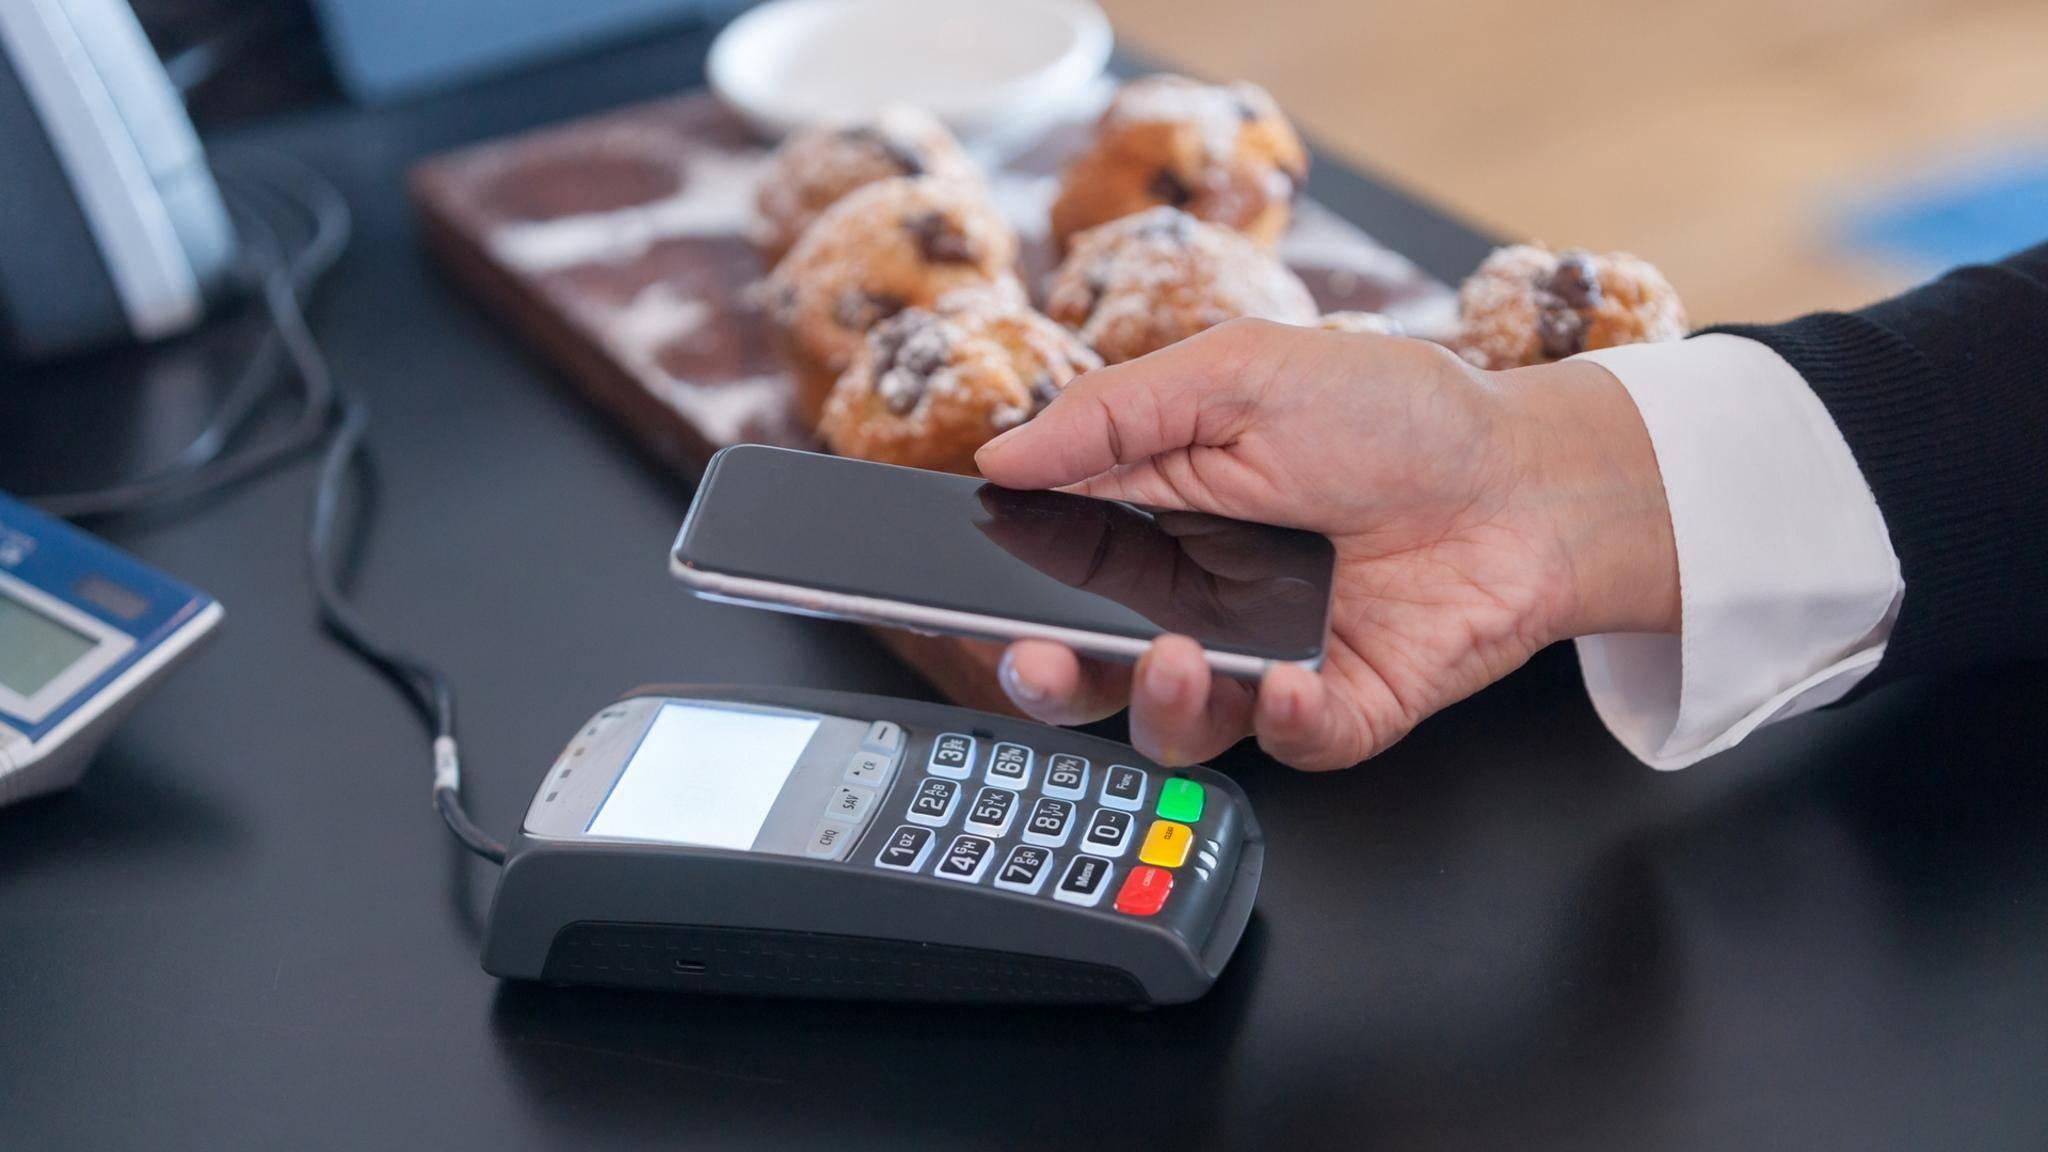 Neben Apple Pay bekommt der NFC-Chip mit iOS 12 angeblich weitere Funktionen.